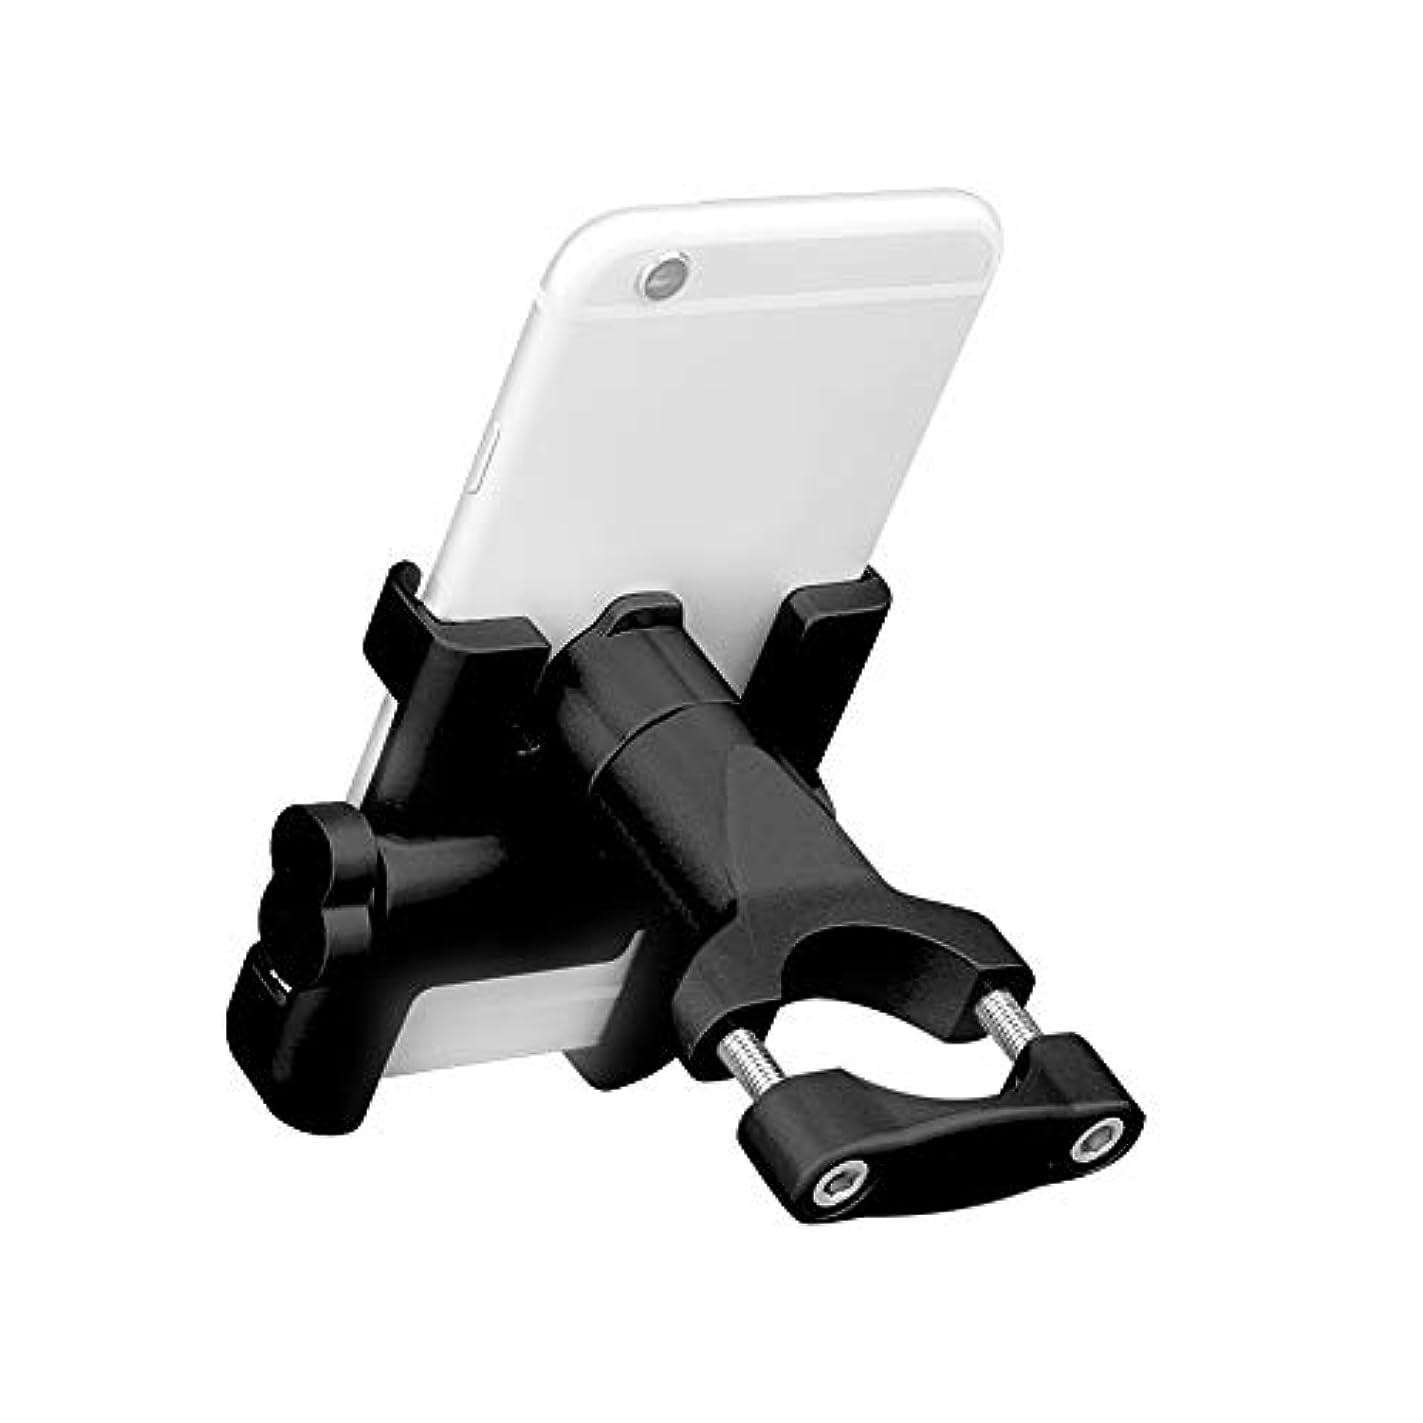 器用依存信じる電話ホルダー、オートバイ電話マウント、調節可能なアンチシェイクメタルバイク電話ホルダー、最大幅2.3